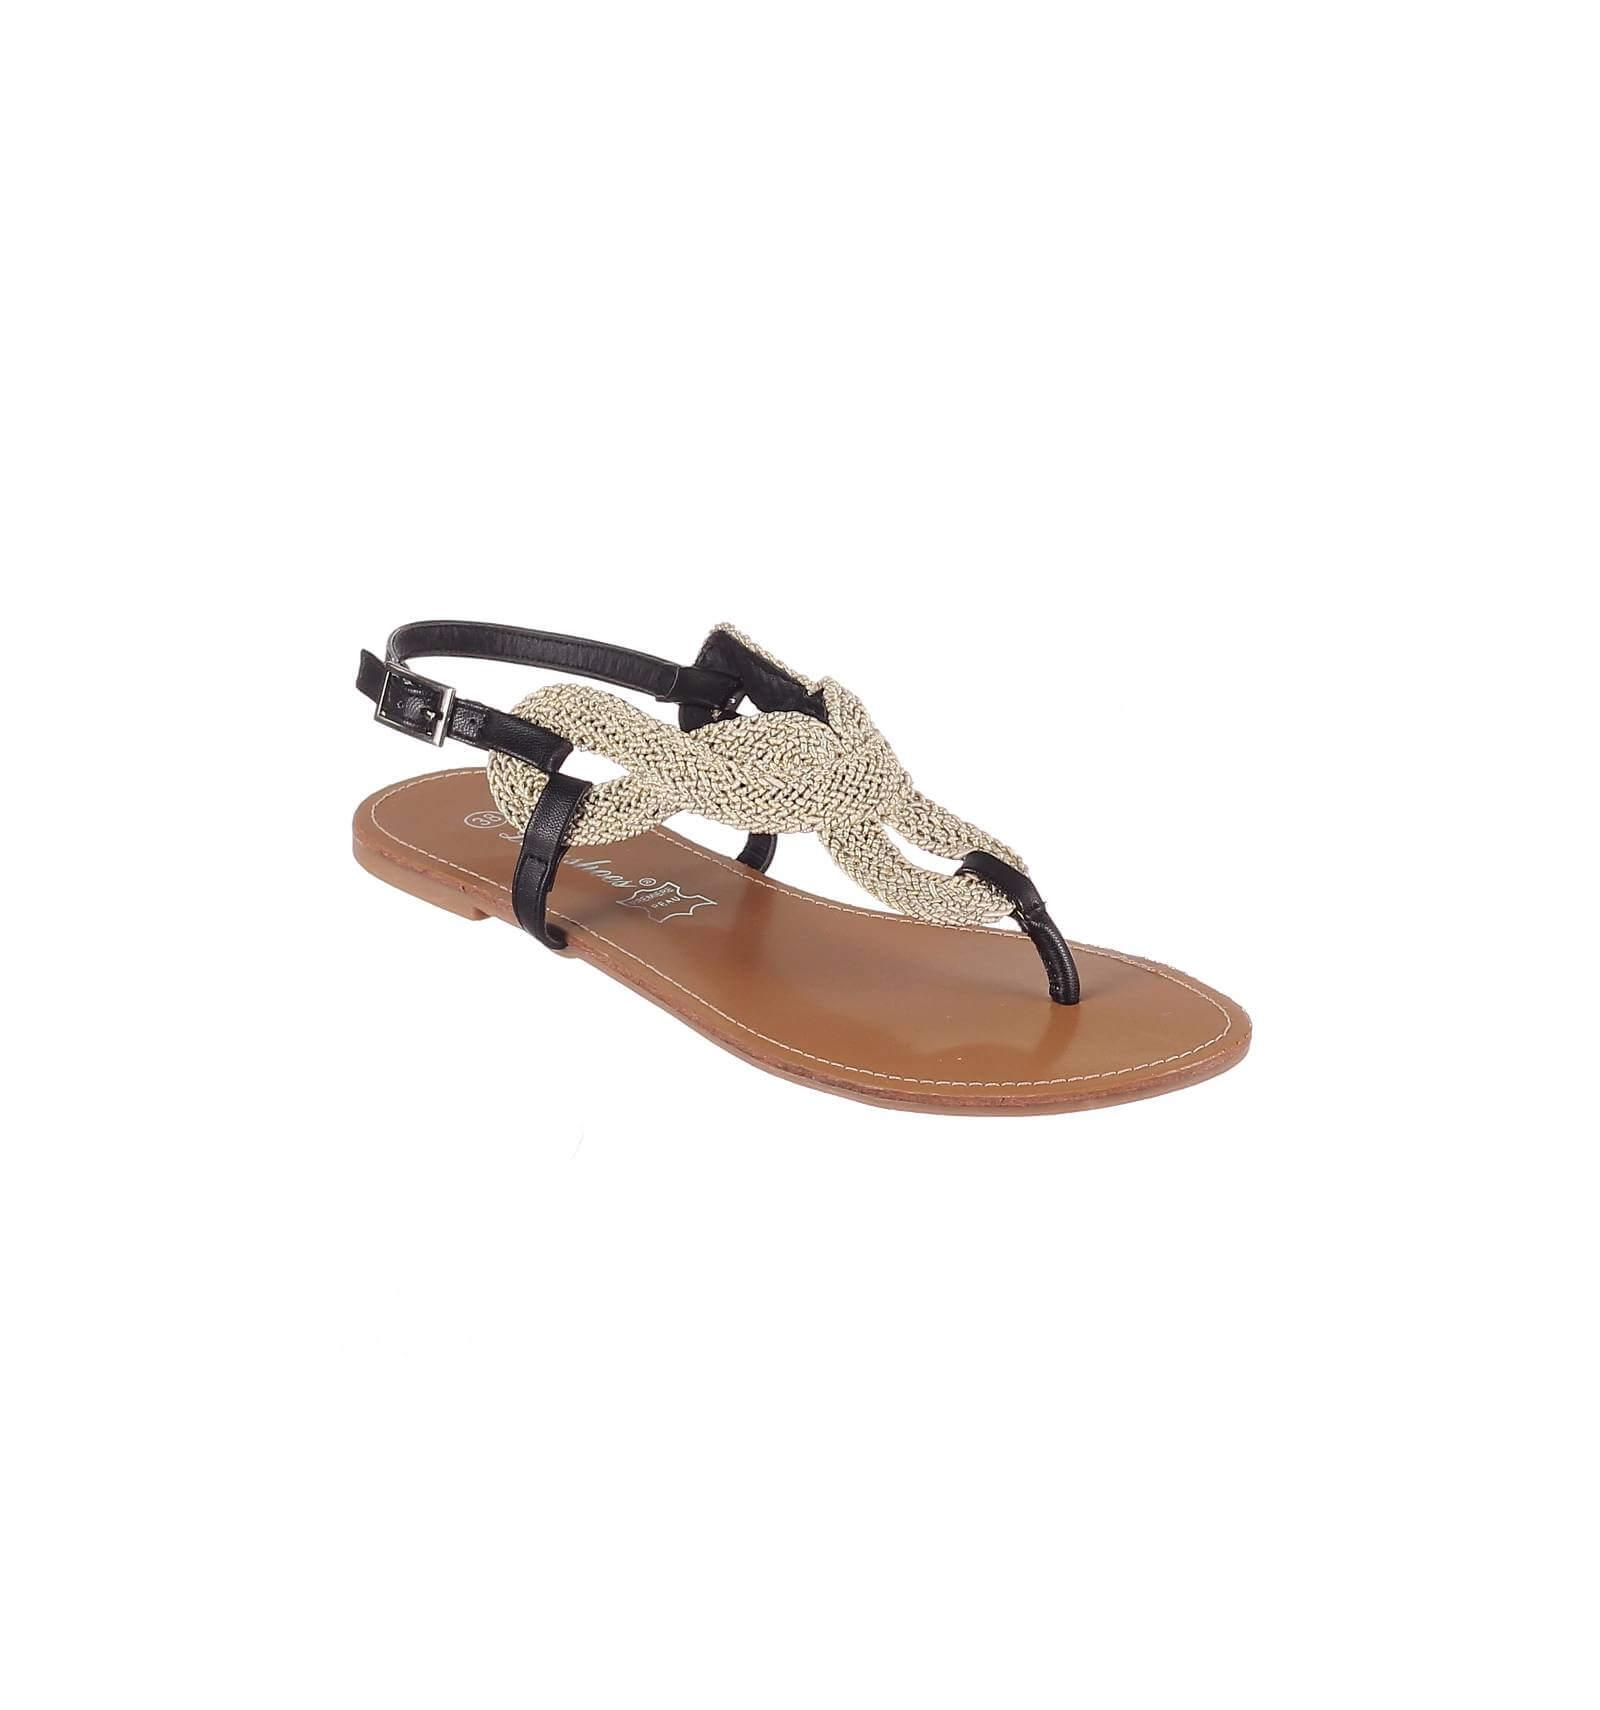 beddca71da7 La sandale plate cuir d  excellente qualité noire et dorée SABRINA